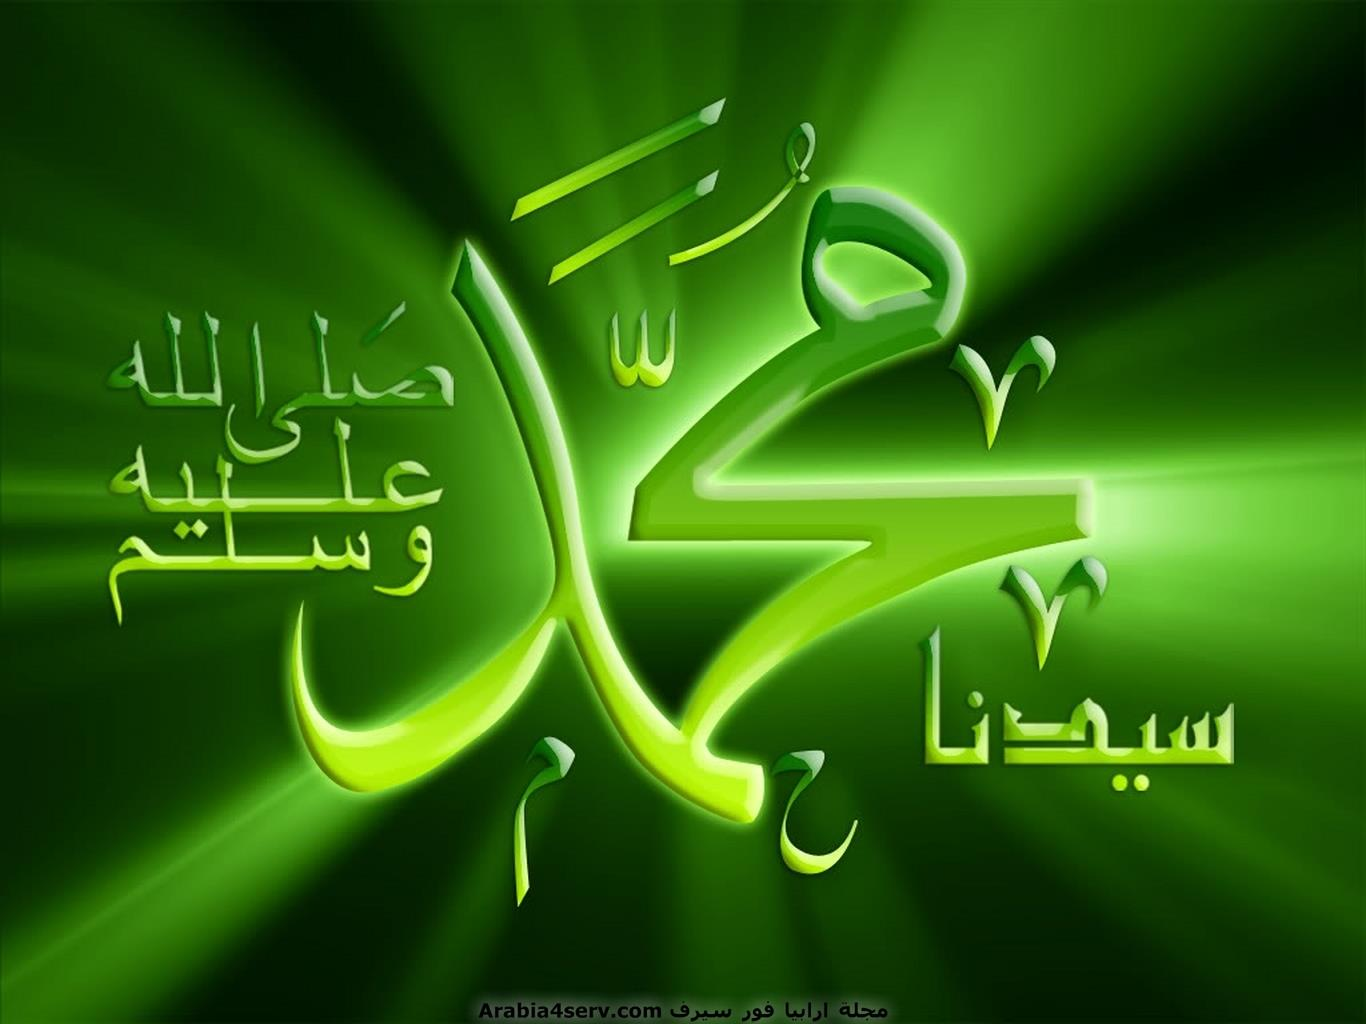 خلفيات-محمد-رسول-الله-7